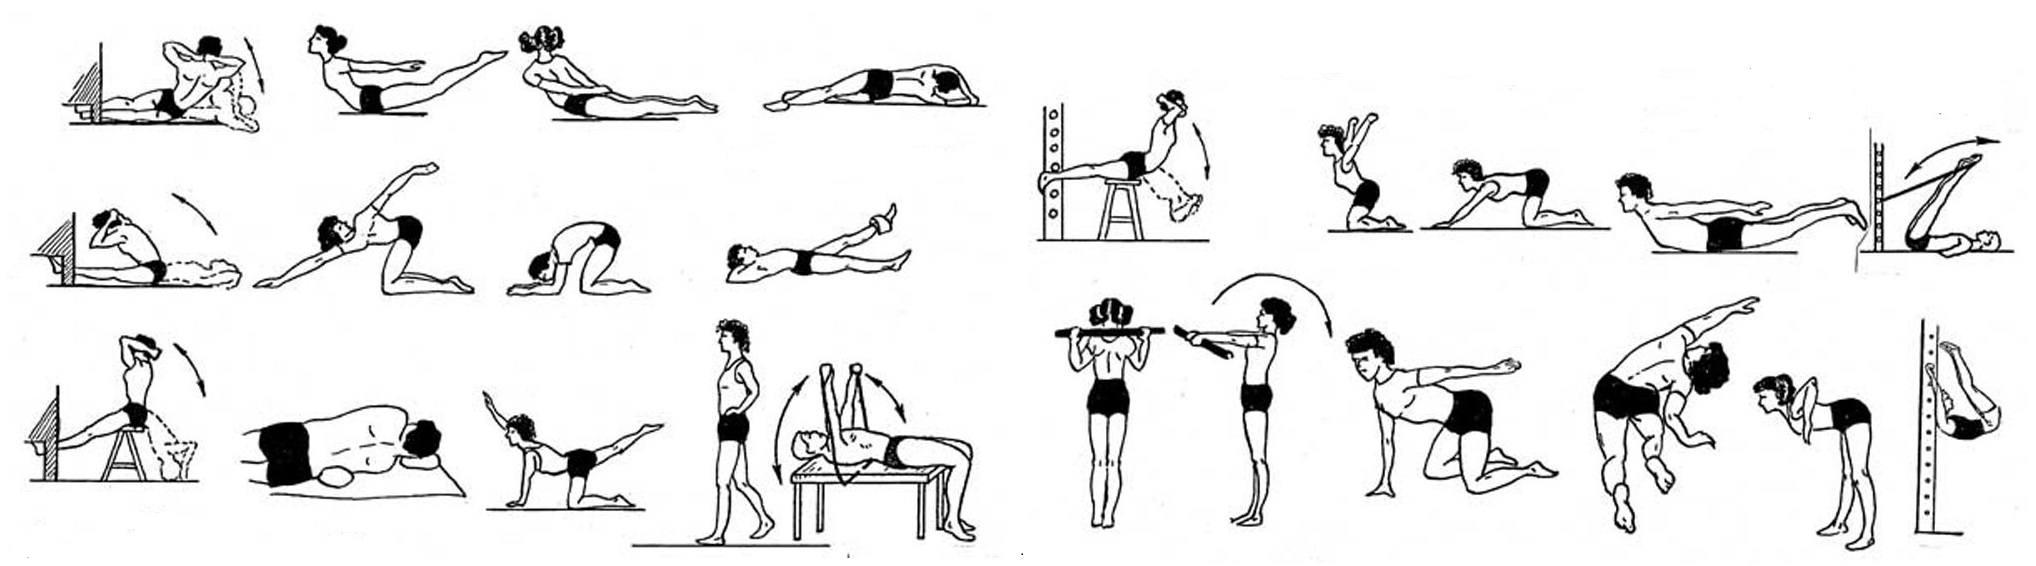 рис7 пояснично-крестцовая грыжа упражнения